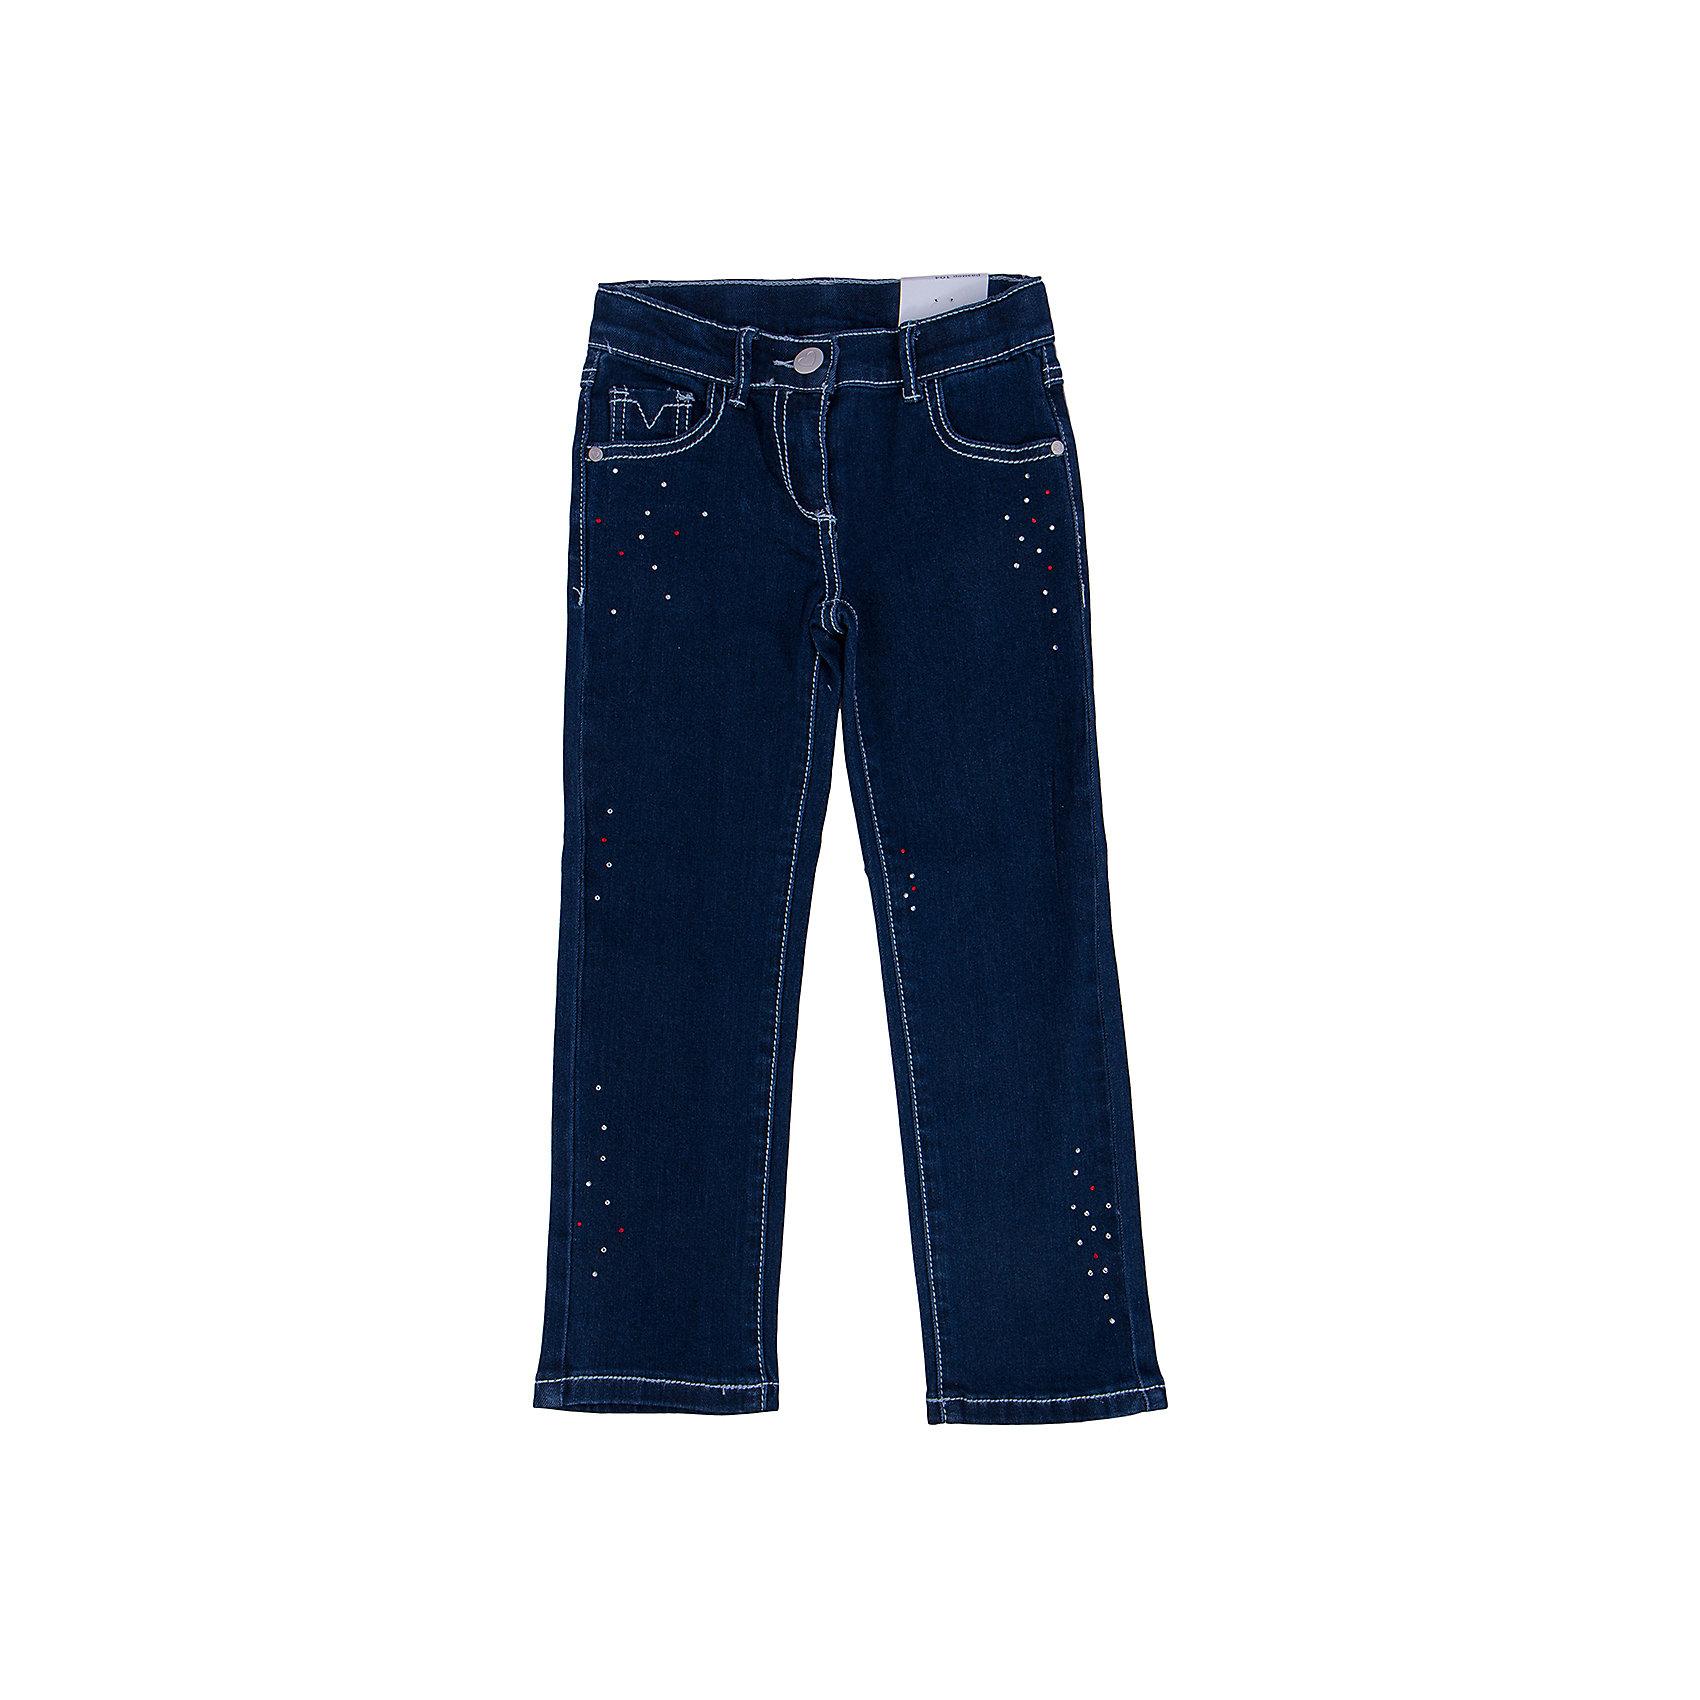 Джинсы для девочки PlayTodayДжинсы для девочки от известного бренда PlayToday.<br>Удобные джинсы с контрастной светло-голубой стежкой. Украшены сверкающими стразами. Застегиваются на молнию и пуговицу, есть шлевки для ремня. Классическая пятикарманка.<br>Состав:<br>51% хлопок, 26% полиэстер, 22% вискоза, 1% эластан<br><br>Ширина мм: 215<br>Глубина мм: 88<br>Высота мм: 191<br>Вес г: 336<br>Цвет: синий<br>Возраст от месяцев: 72<br>Возраст до месяцев: 84<br>Пол: Женский<br>Возраст: Детский<br>Размер: 122,104,128,110,116,98<br>SKU: 4897565